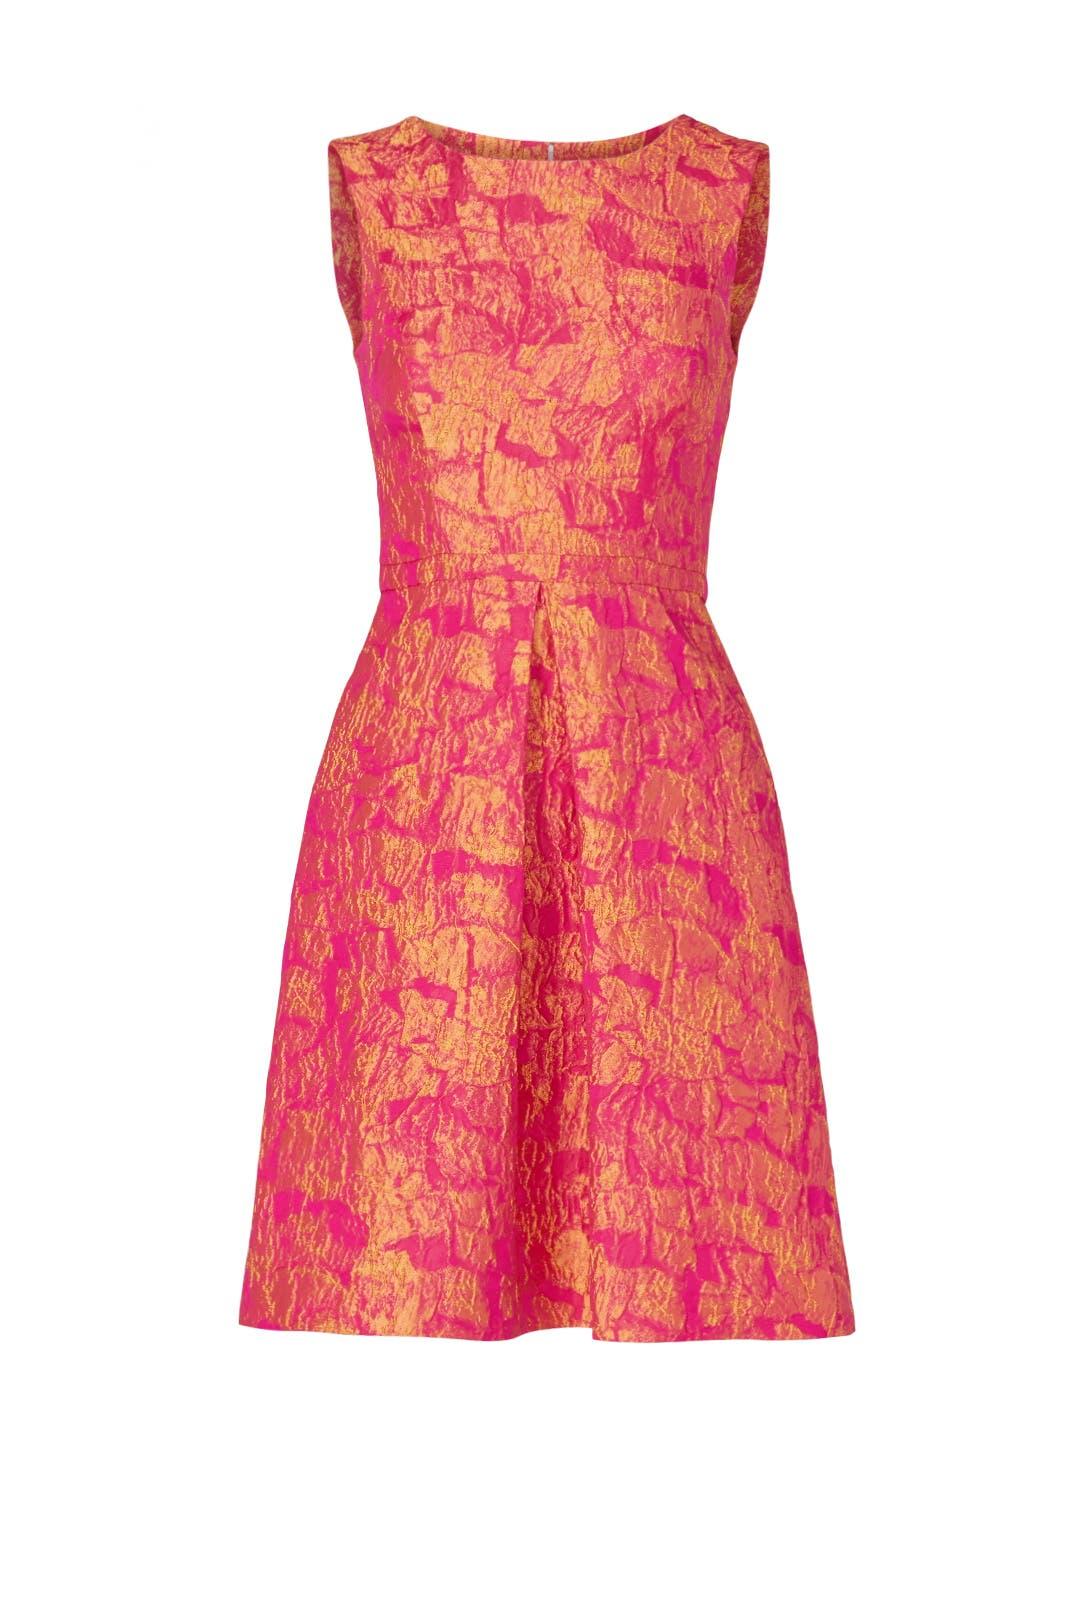 Citrus Sorbet Dress by ML Monique Lhuillier